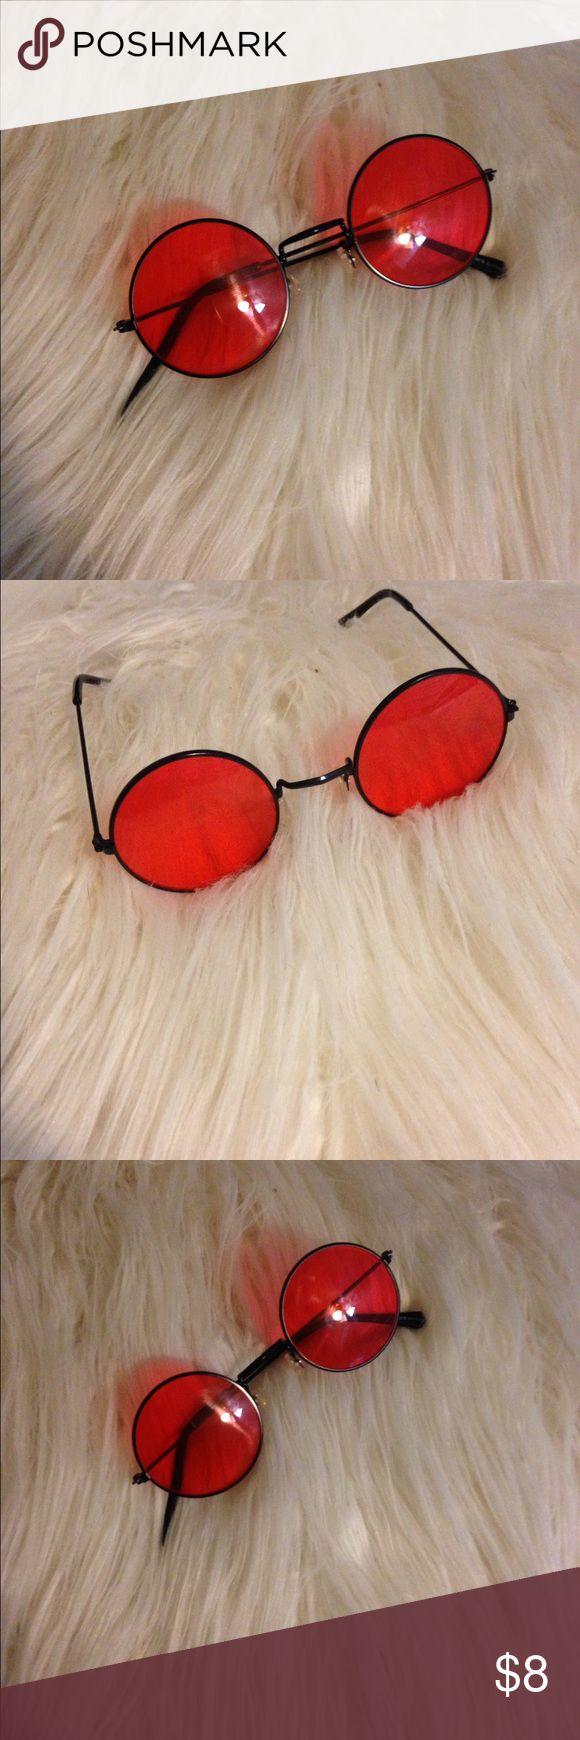 Rylee Bruestle's 'in #vybez Pinterest Resmi (160792649177281005) - Red Lennon Glasses 🌹🍒